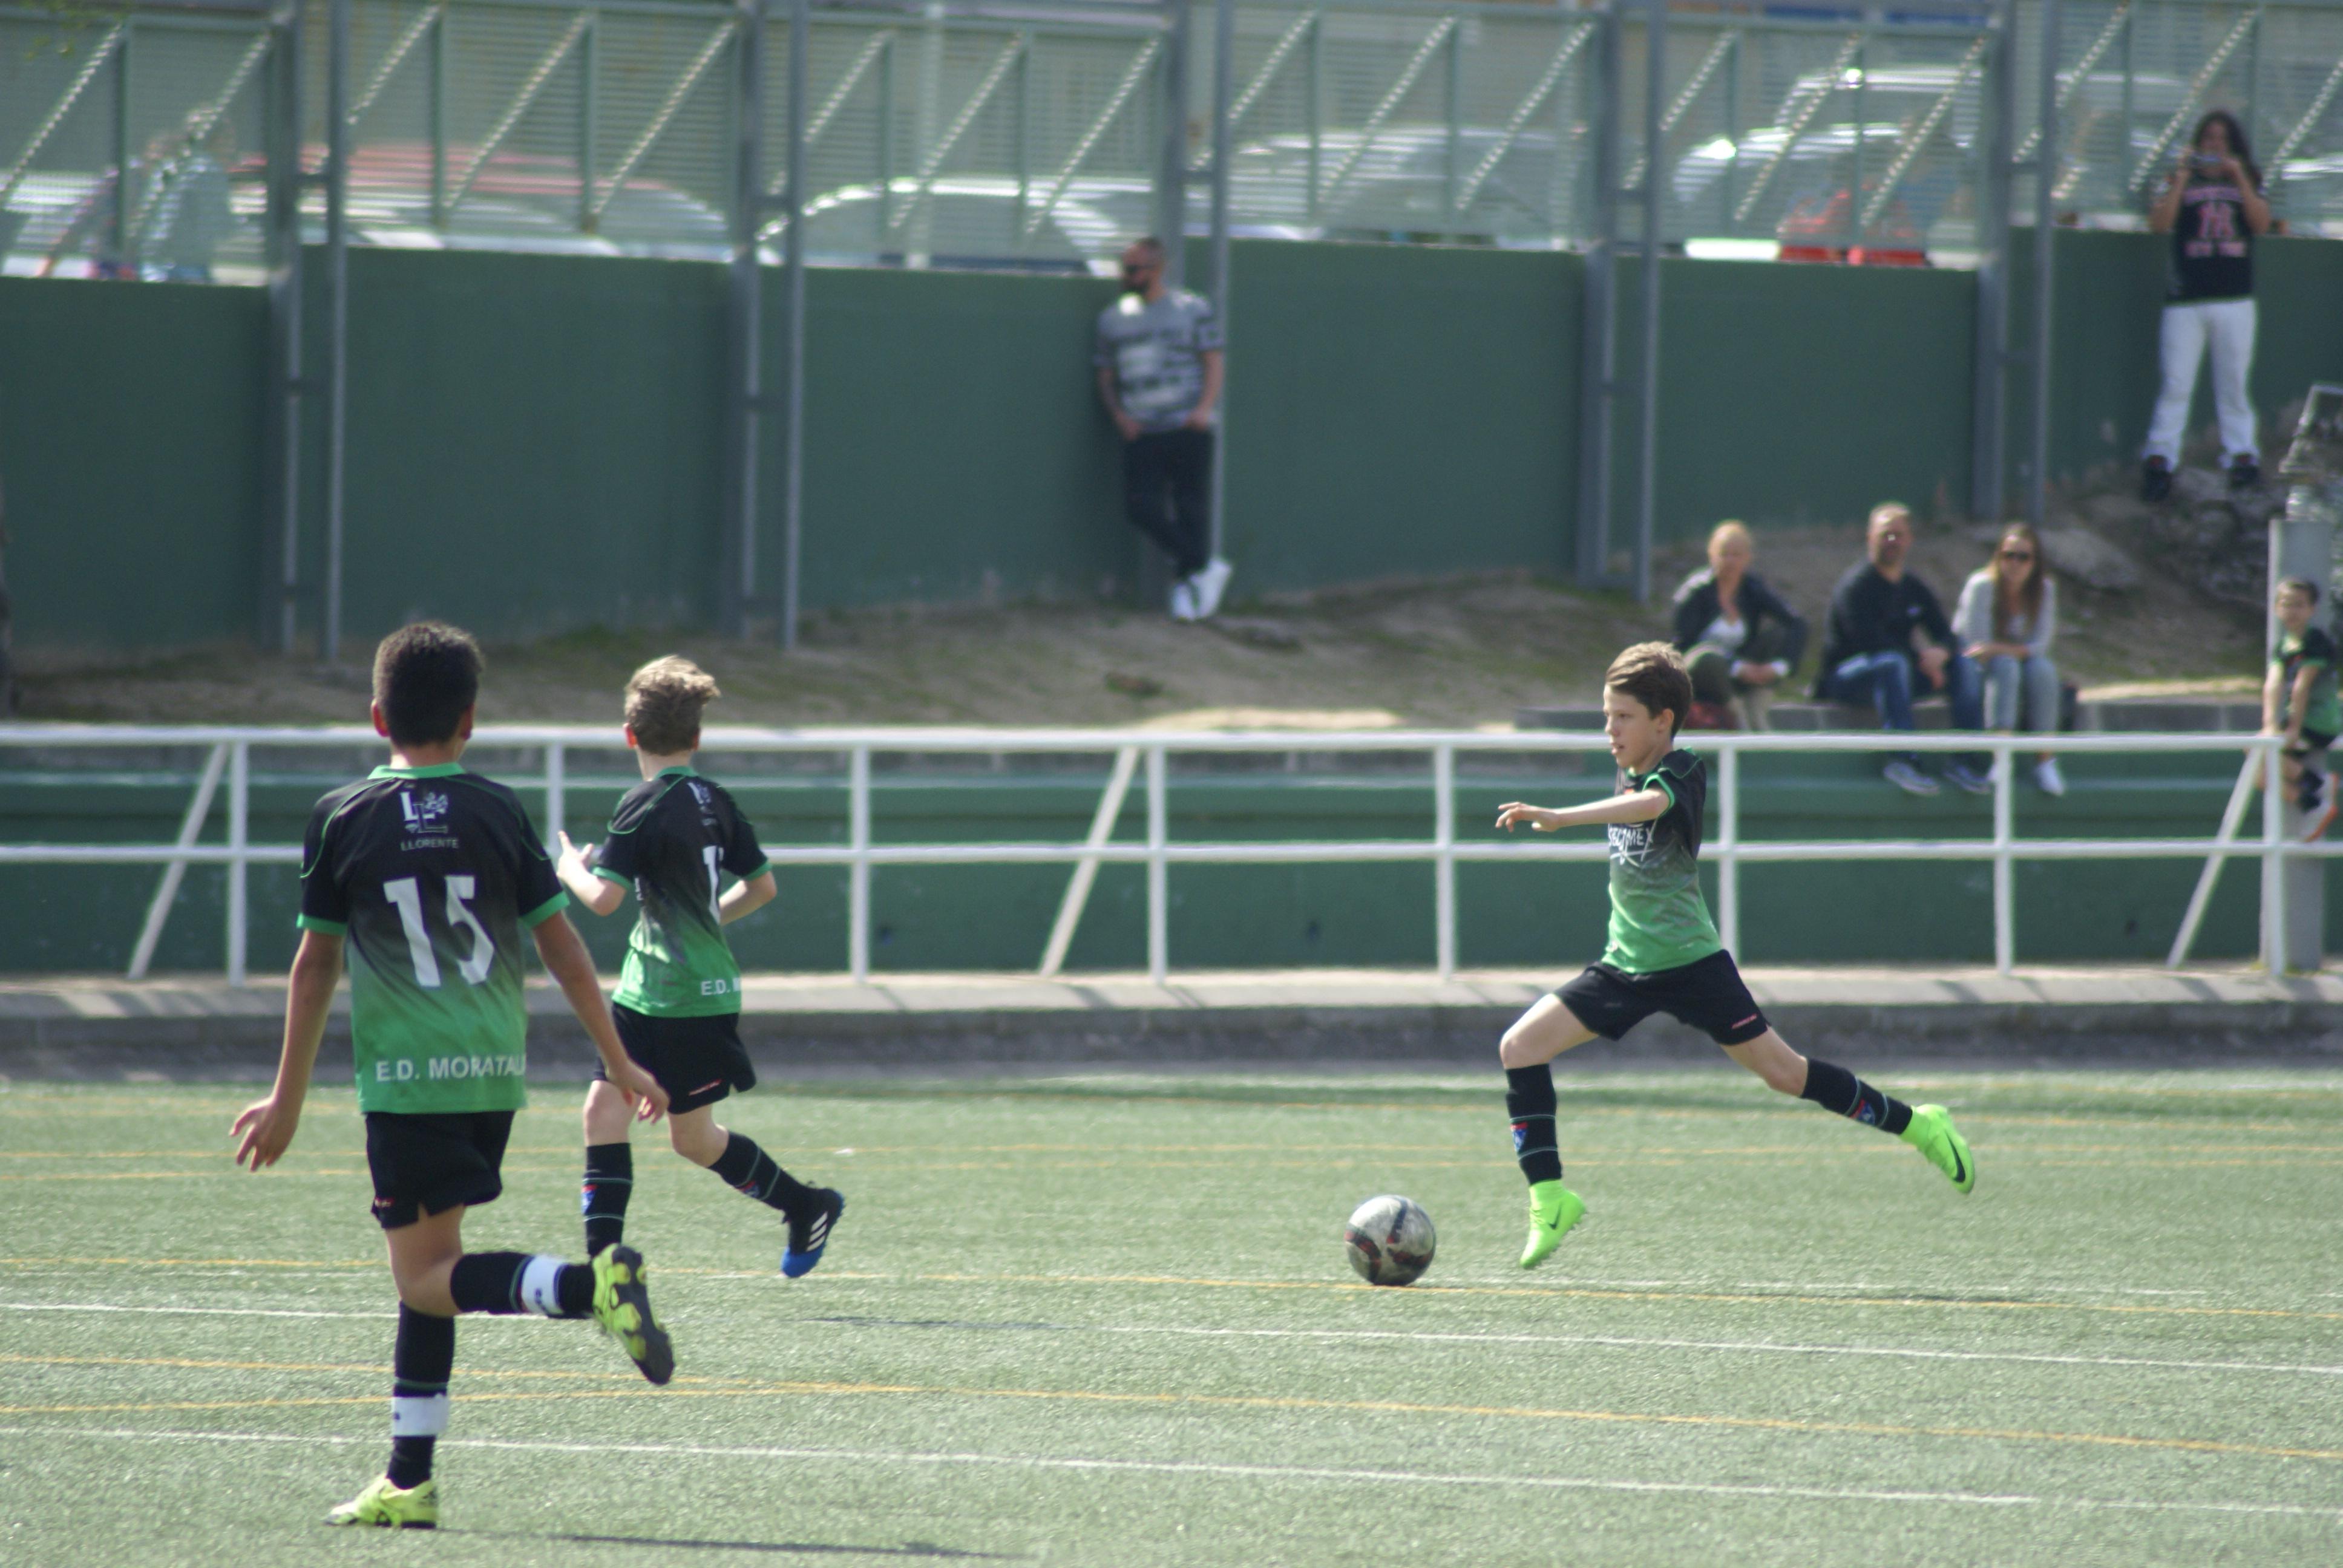 Fotos del partido AD Esc. Balonmano Villaverde 1-4 Infantil C